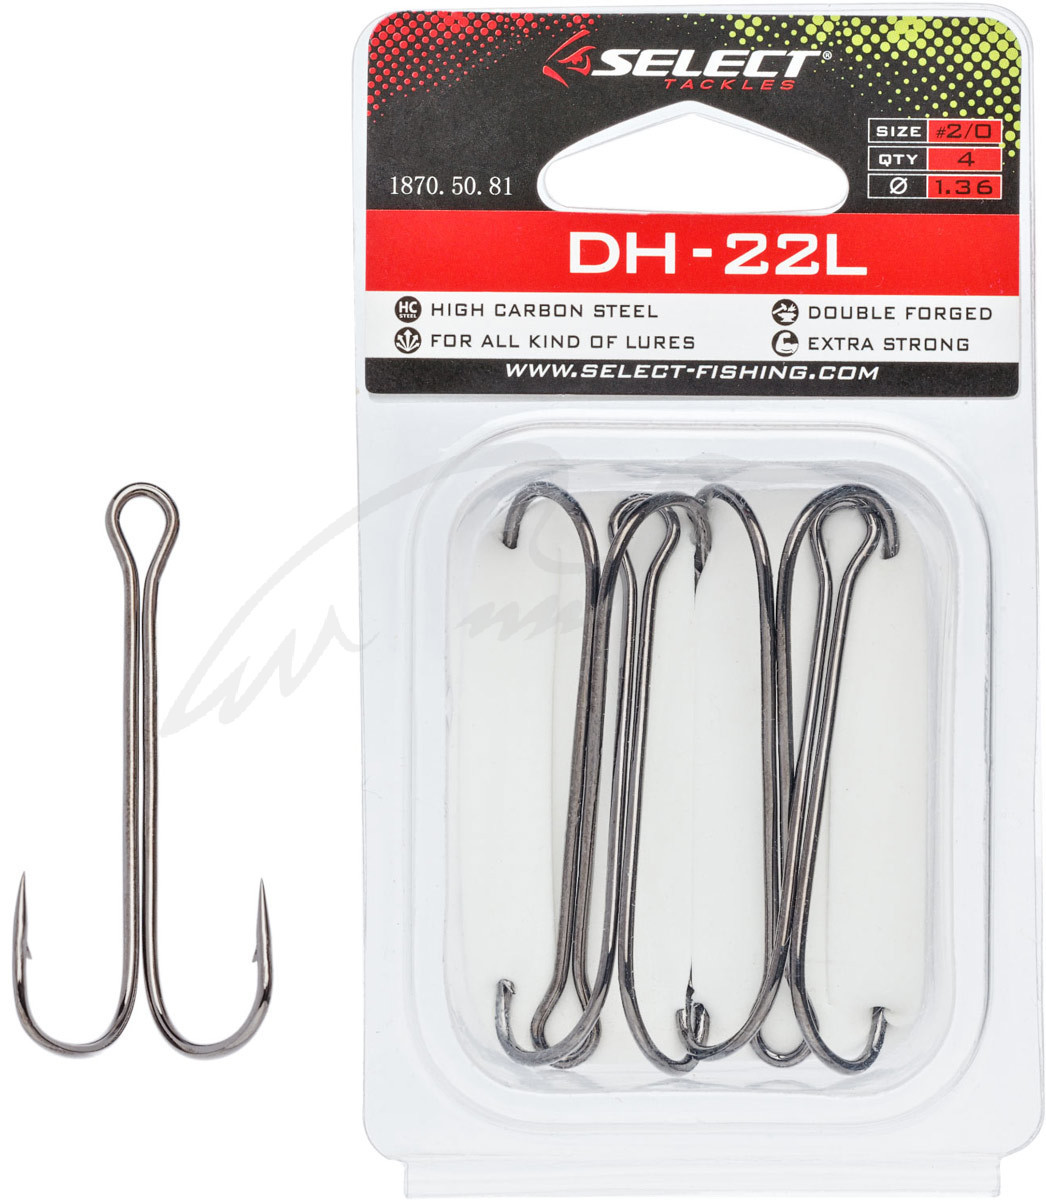 Двойник Select DH-22L #5/0 (3 шт/уп)